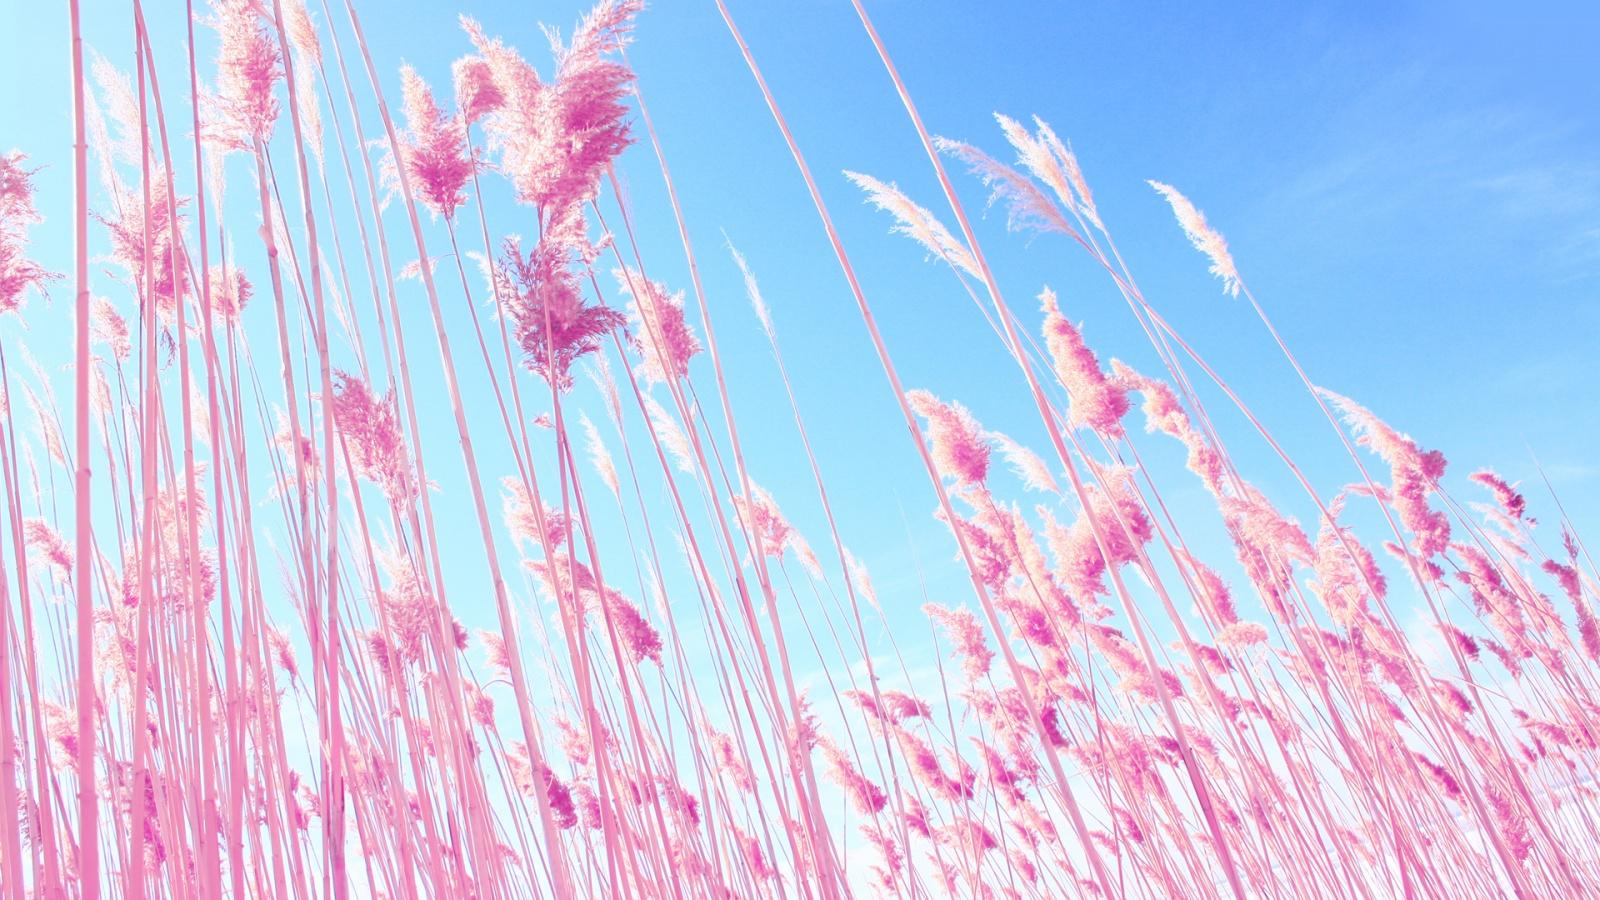 Pink Desktop Wallpaper Themes  WallpaperSafari